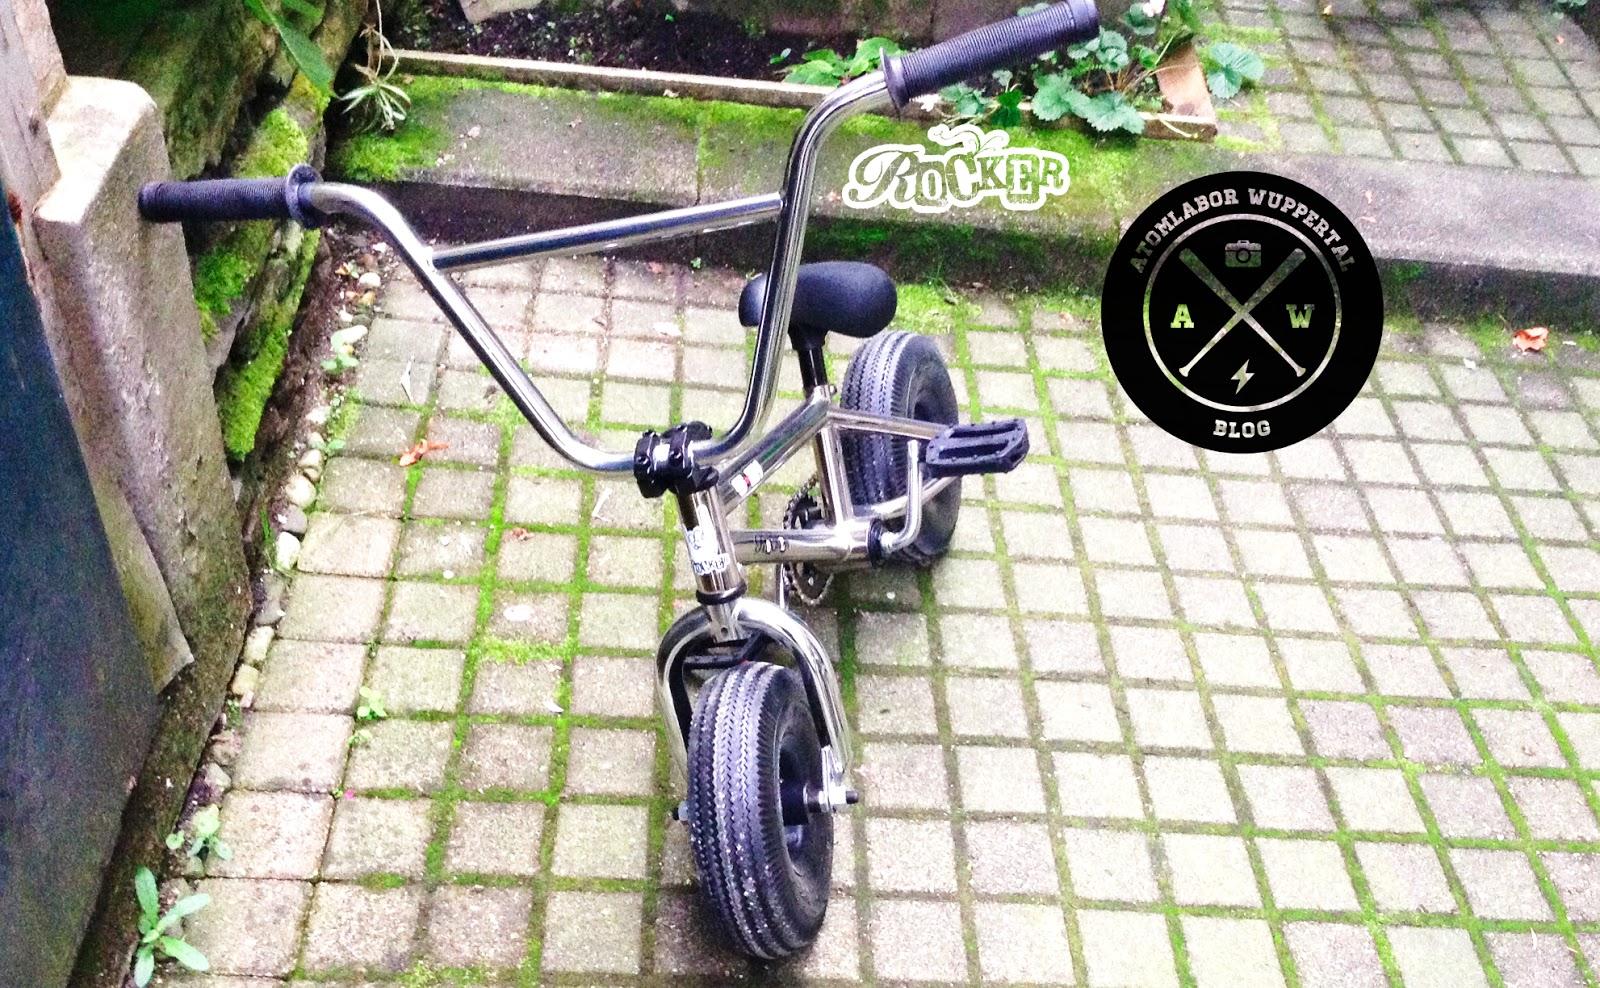 Für Sandkastenrocker und echte BMX-Künstler - Das Atomlabor testet das Rocker Mini BMX